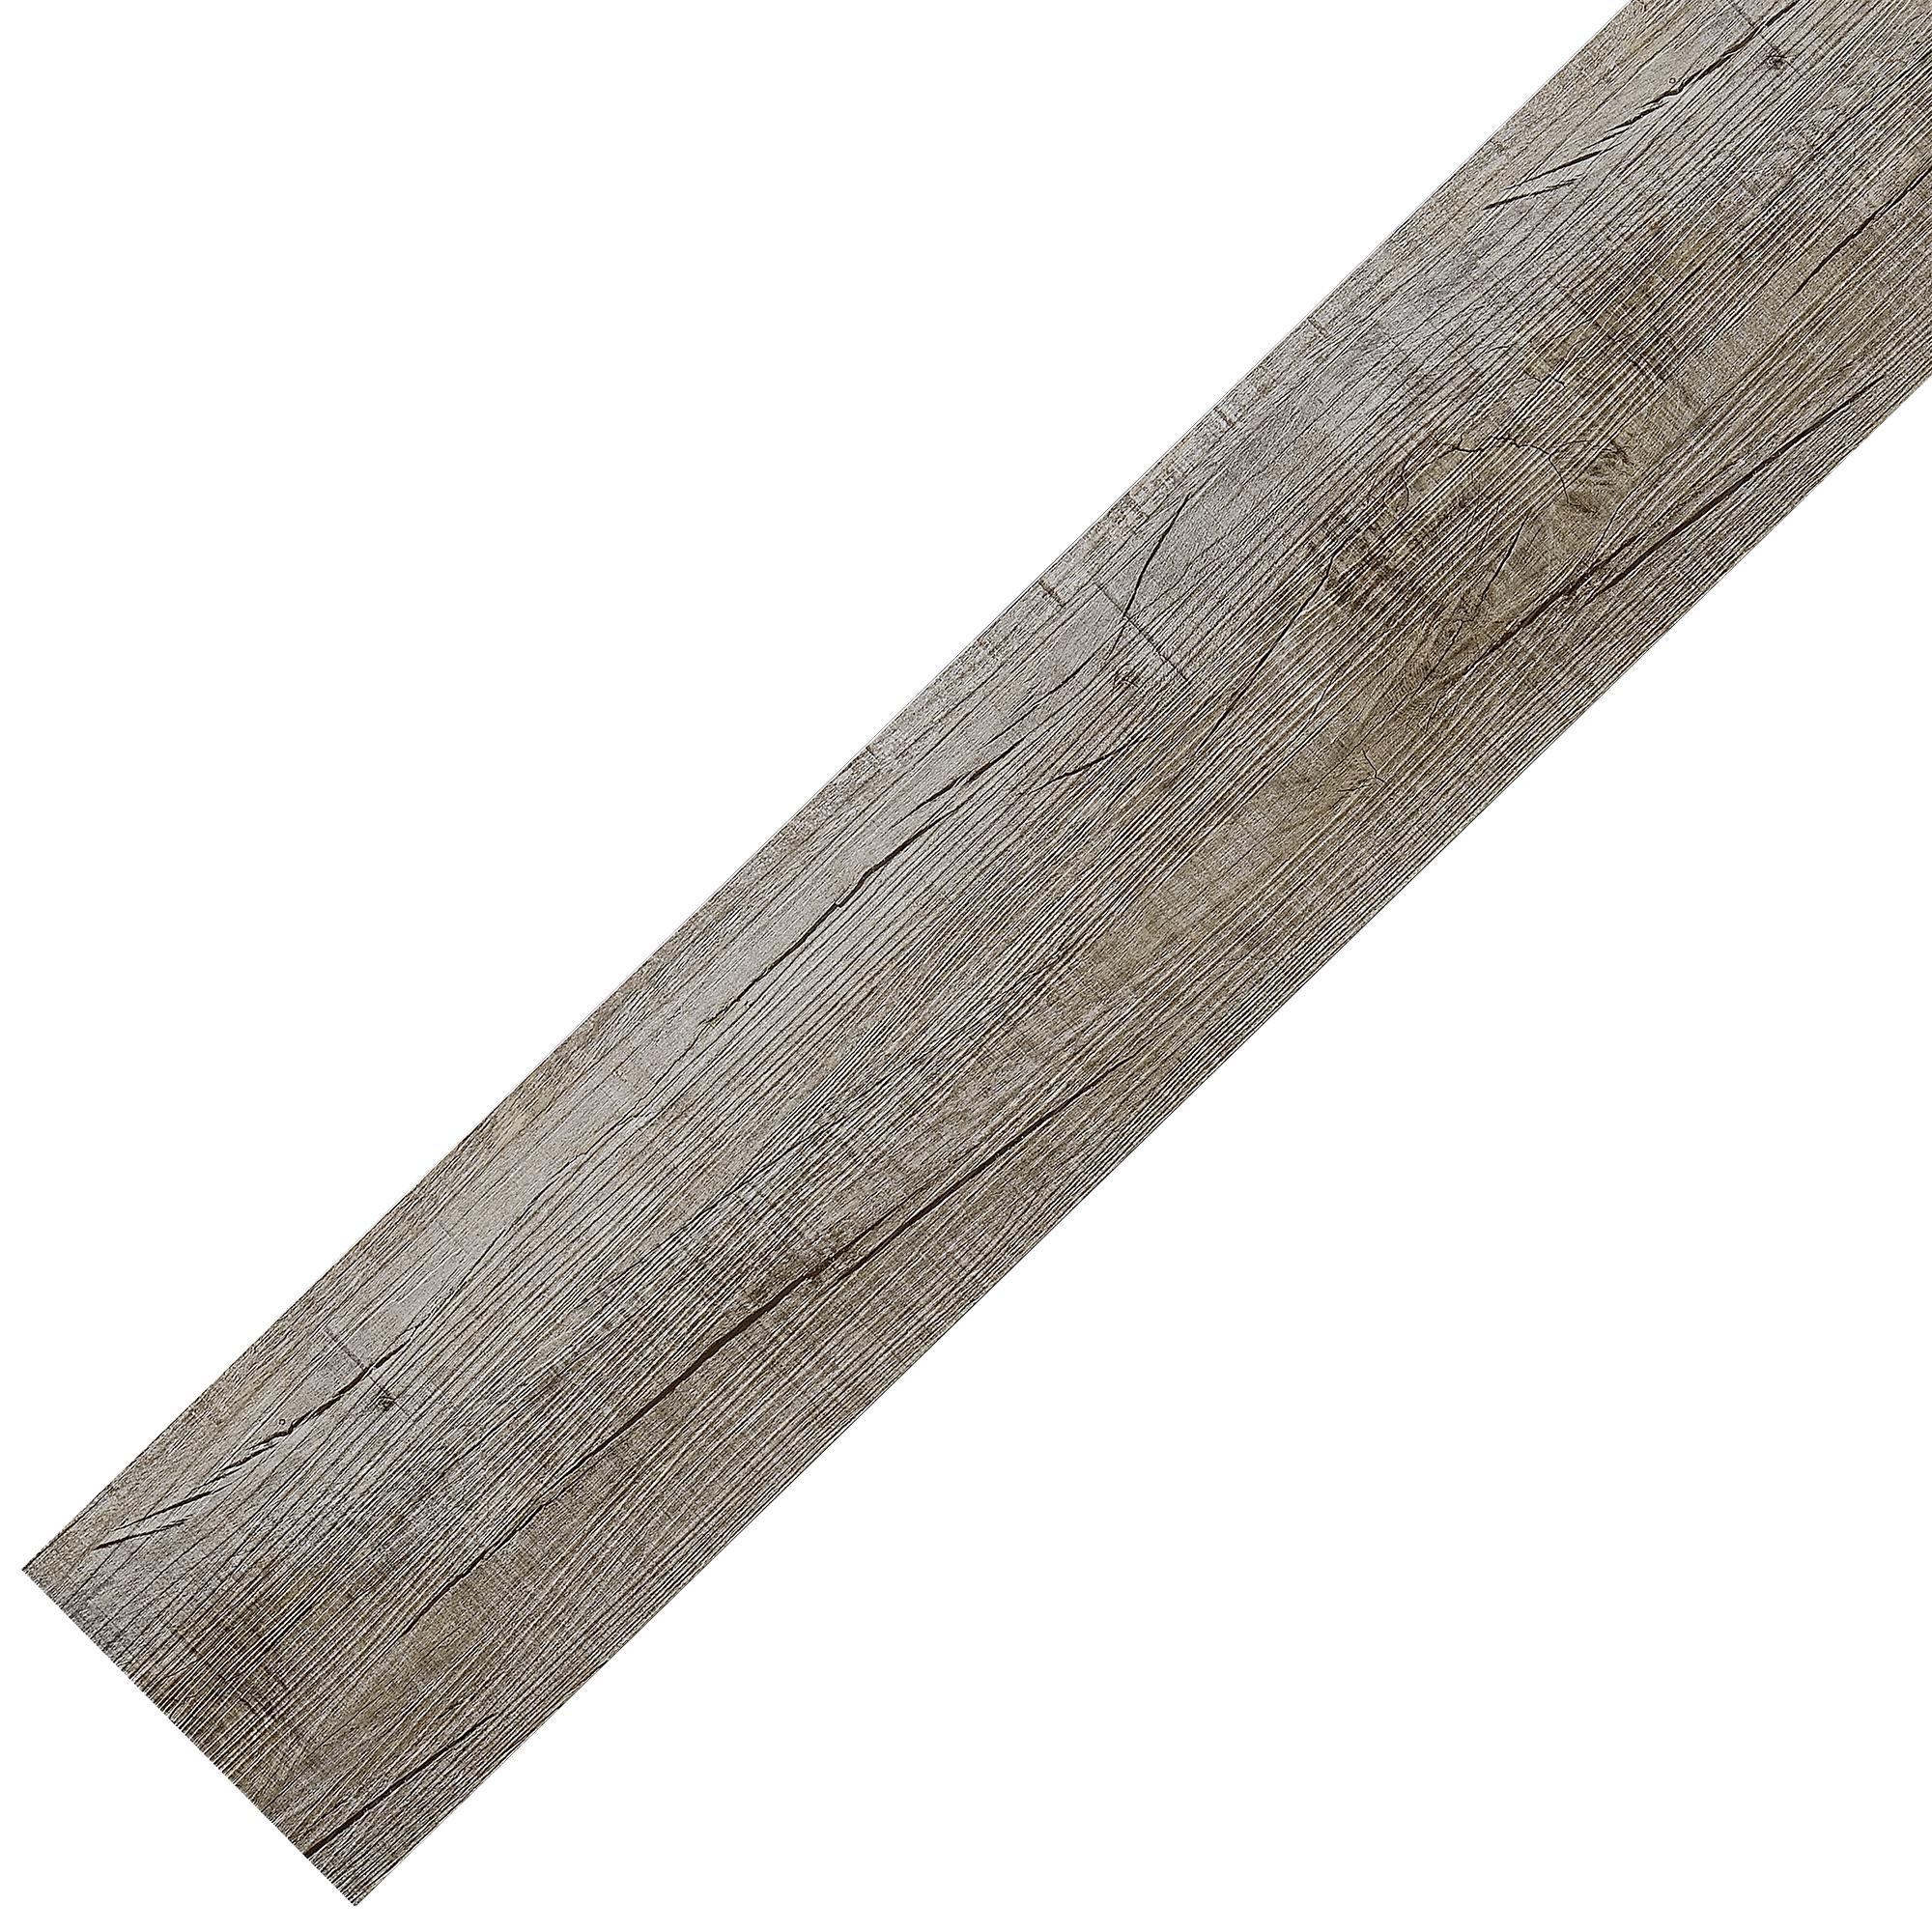 NEU HOLZ 1 11m² Vinyl Laminat Dielen Planken Eiche Wenge